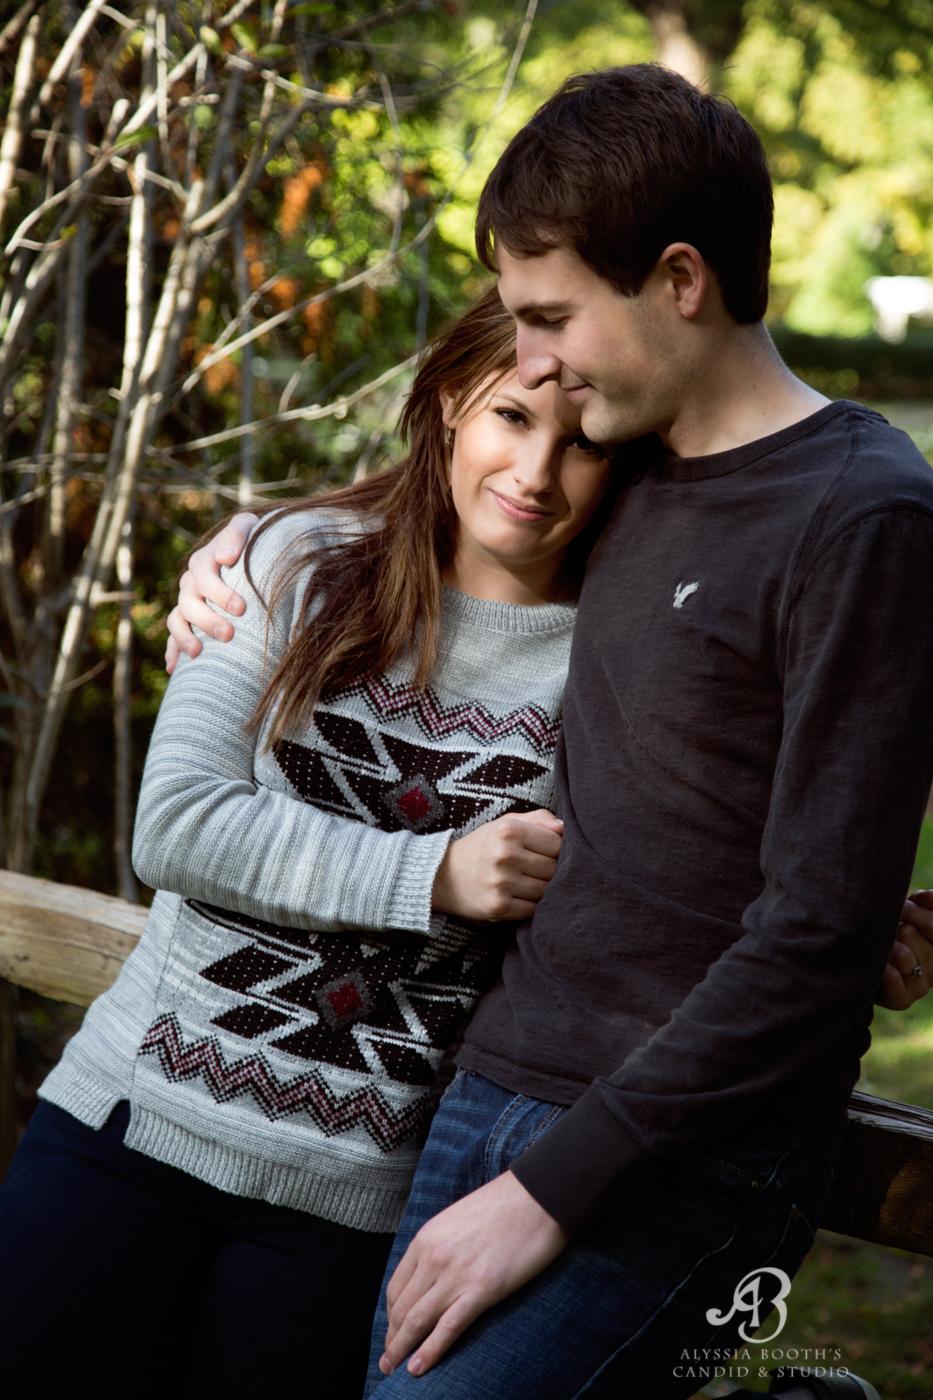 Lauren + Paul | Engagement Photoshoot | Alyssia Booth's Candid & Studio